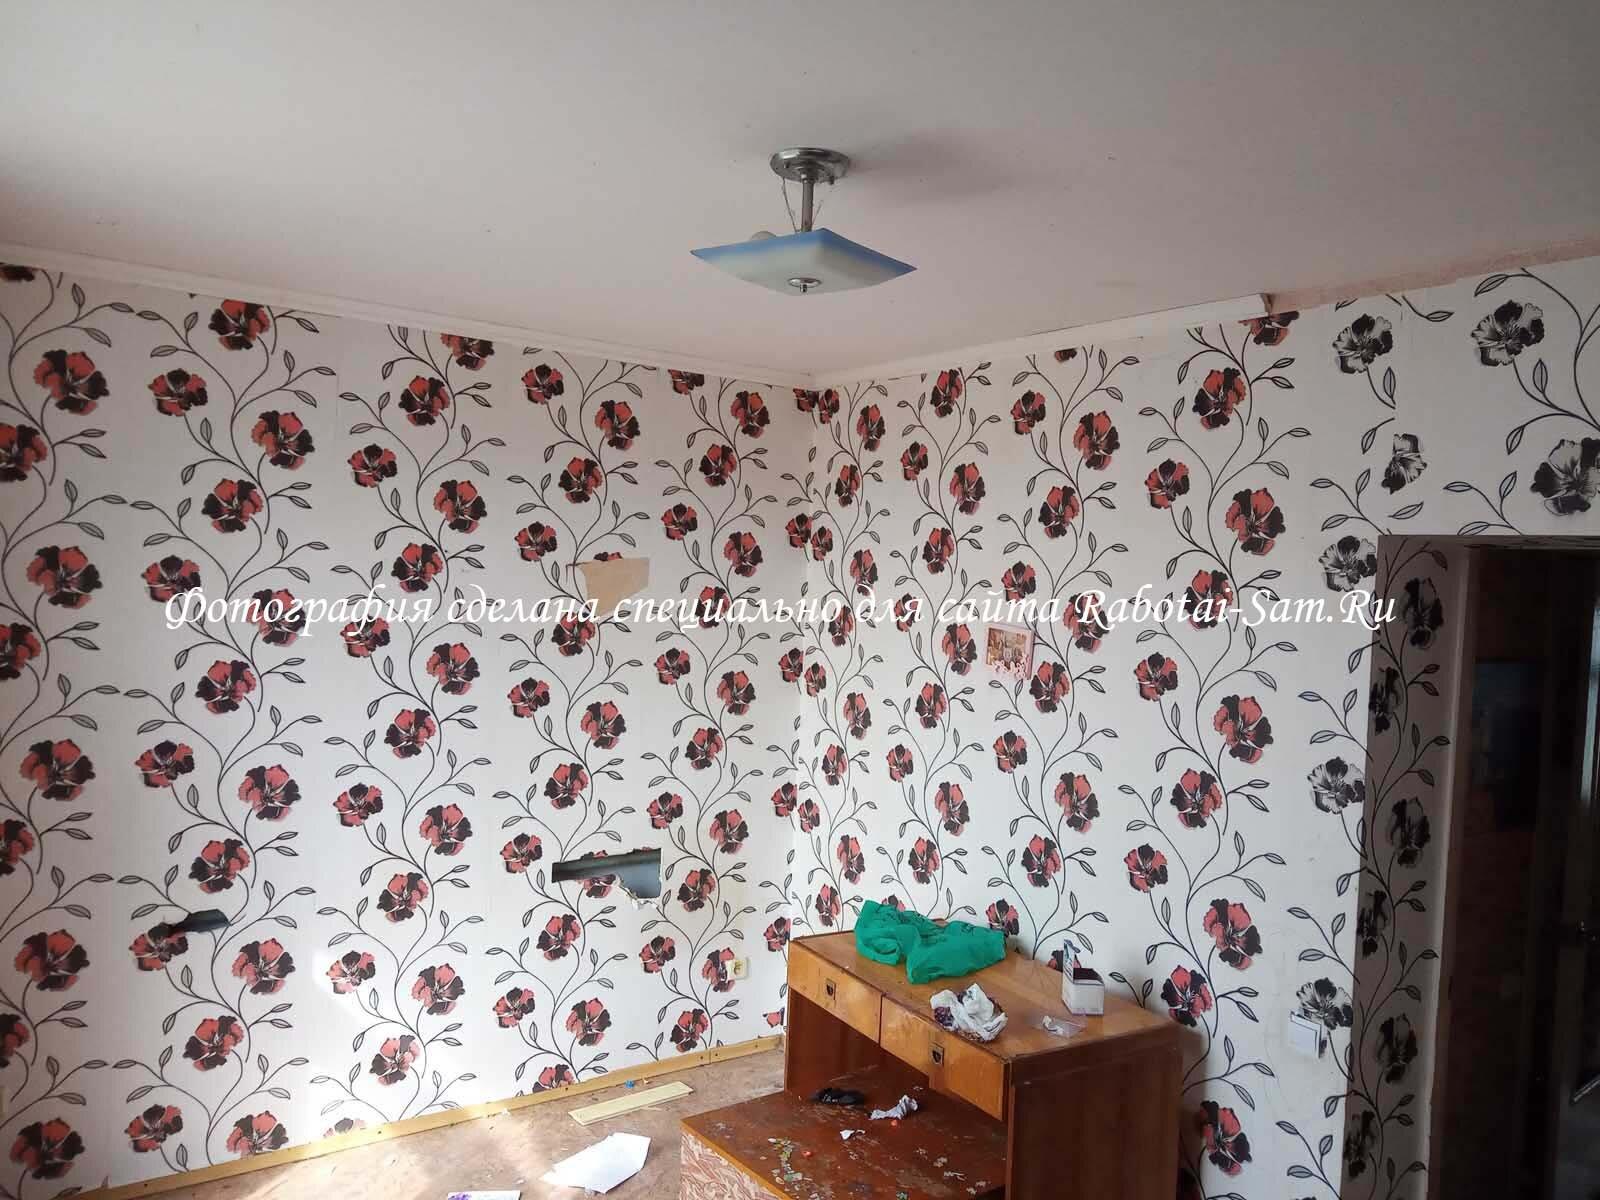 Начинаем ремонт в детской комнате с удаления старых обоев